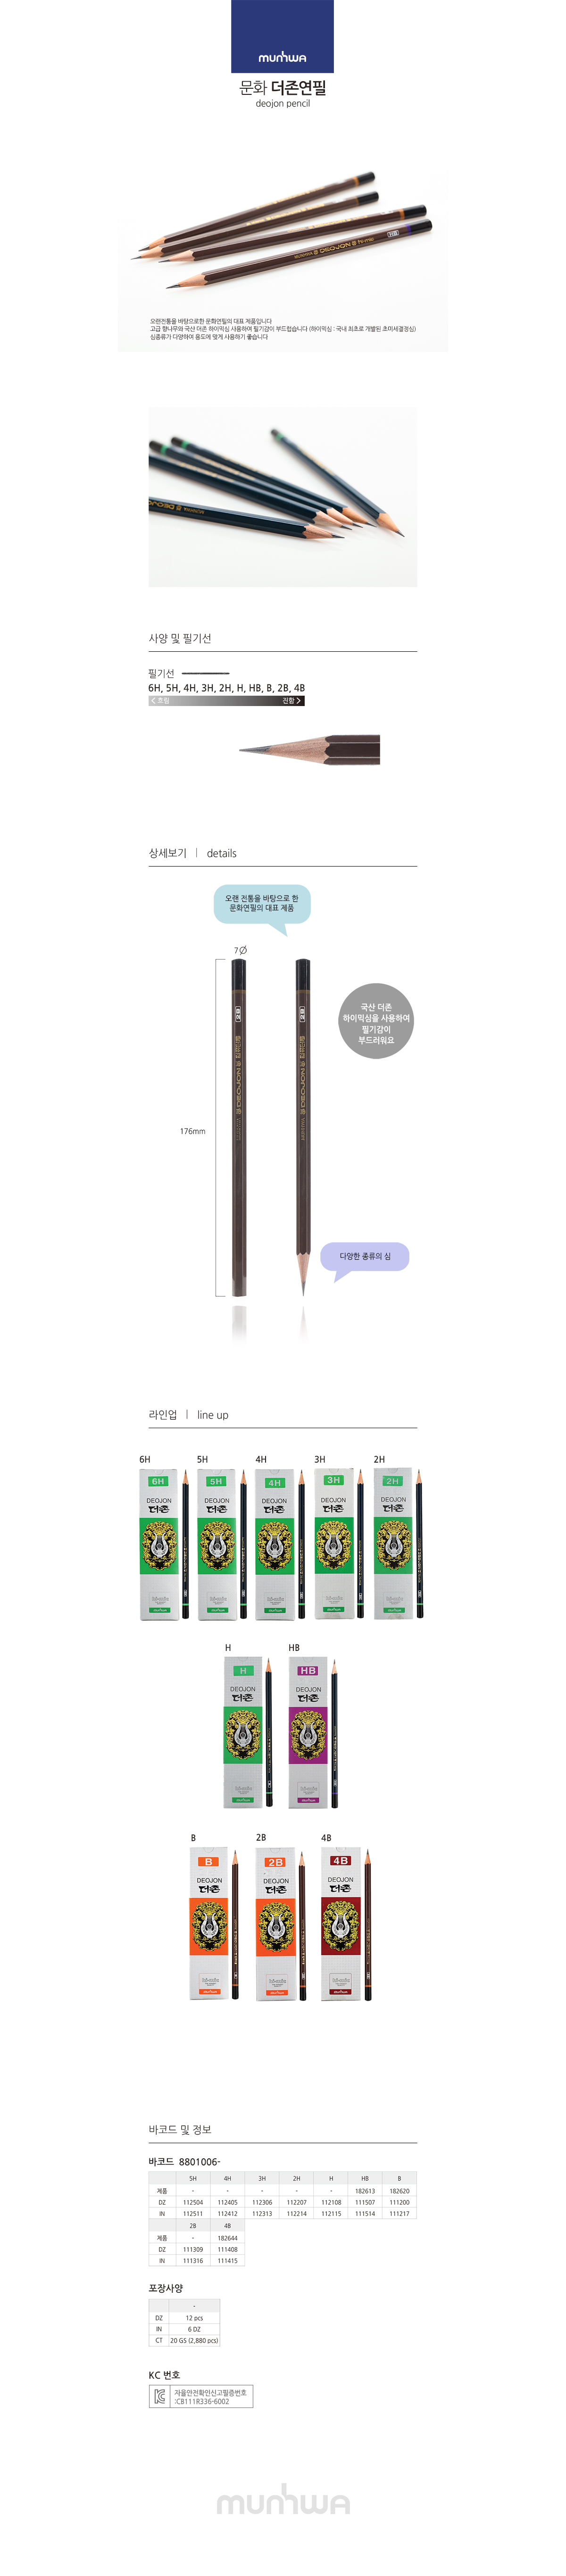 문화 더존연필(HB 12EA 다스)4,300원-오피스넥스, , , 바보사랑문화 더존연필(HB 12EA 다스)4,300원-오피스넥스, , , 바보사랑